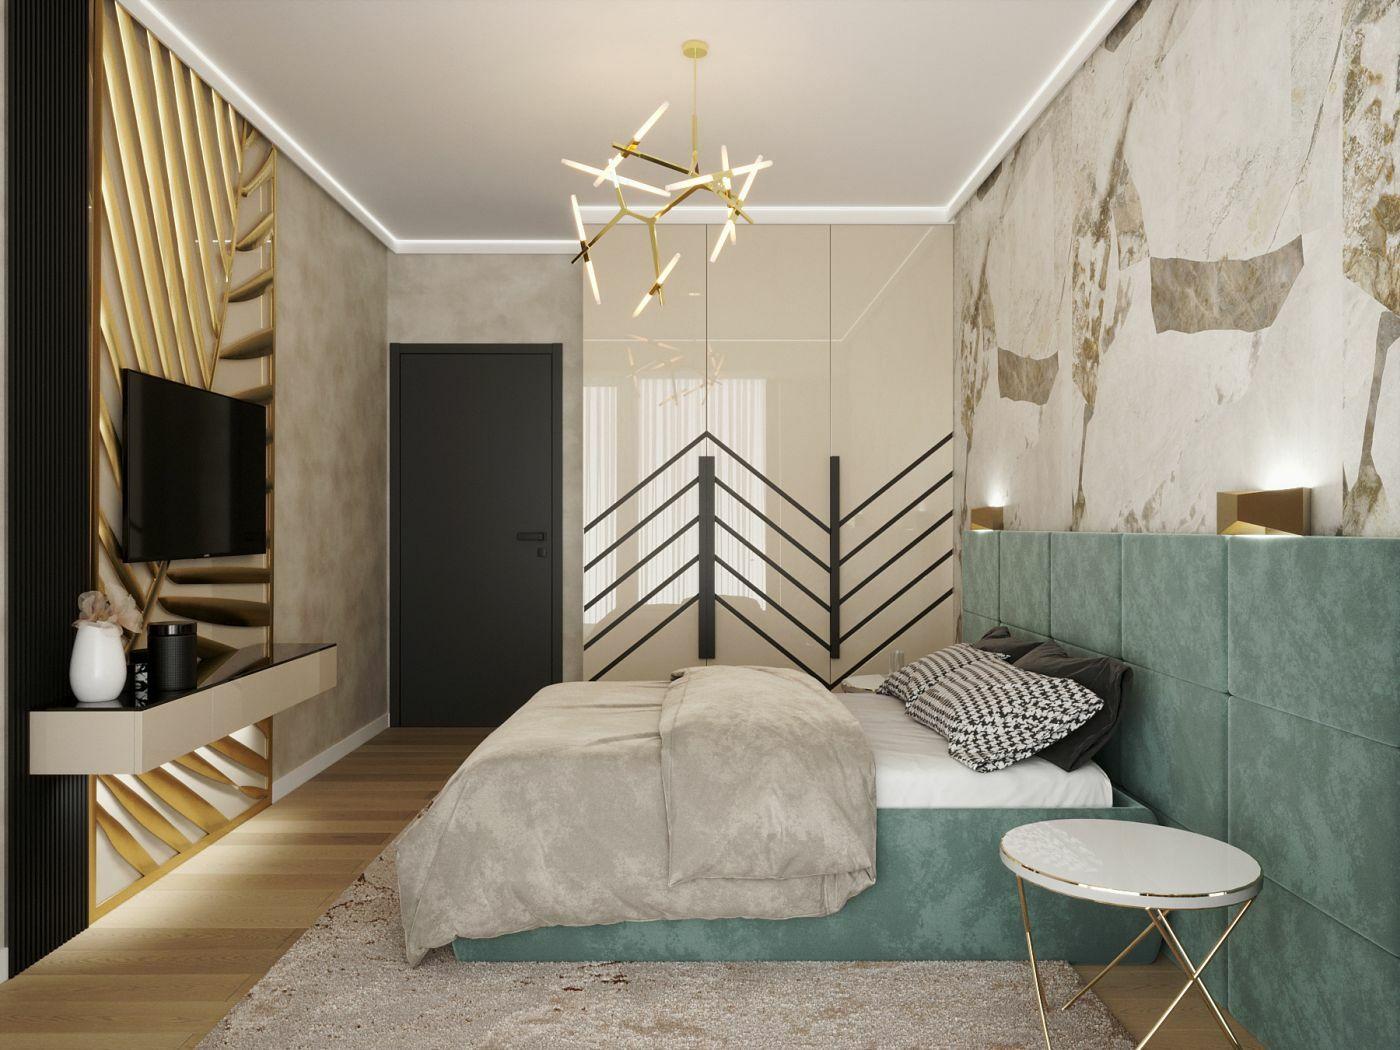 Egyedi tervezésű panel a hálószoba falán arany színben